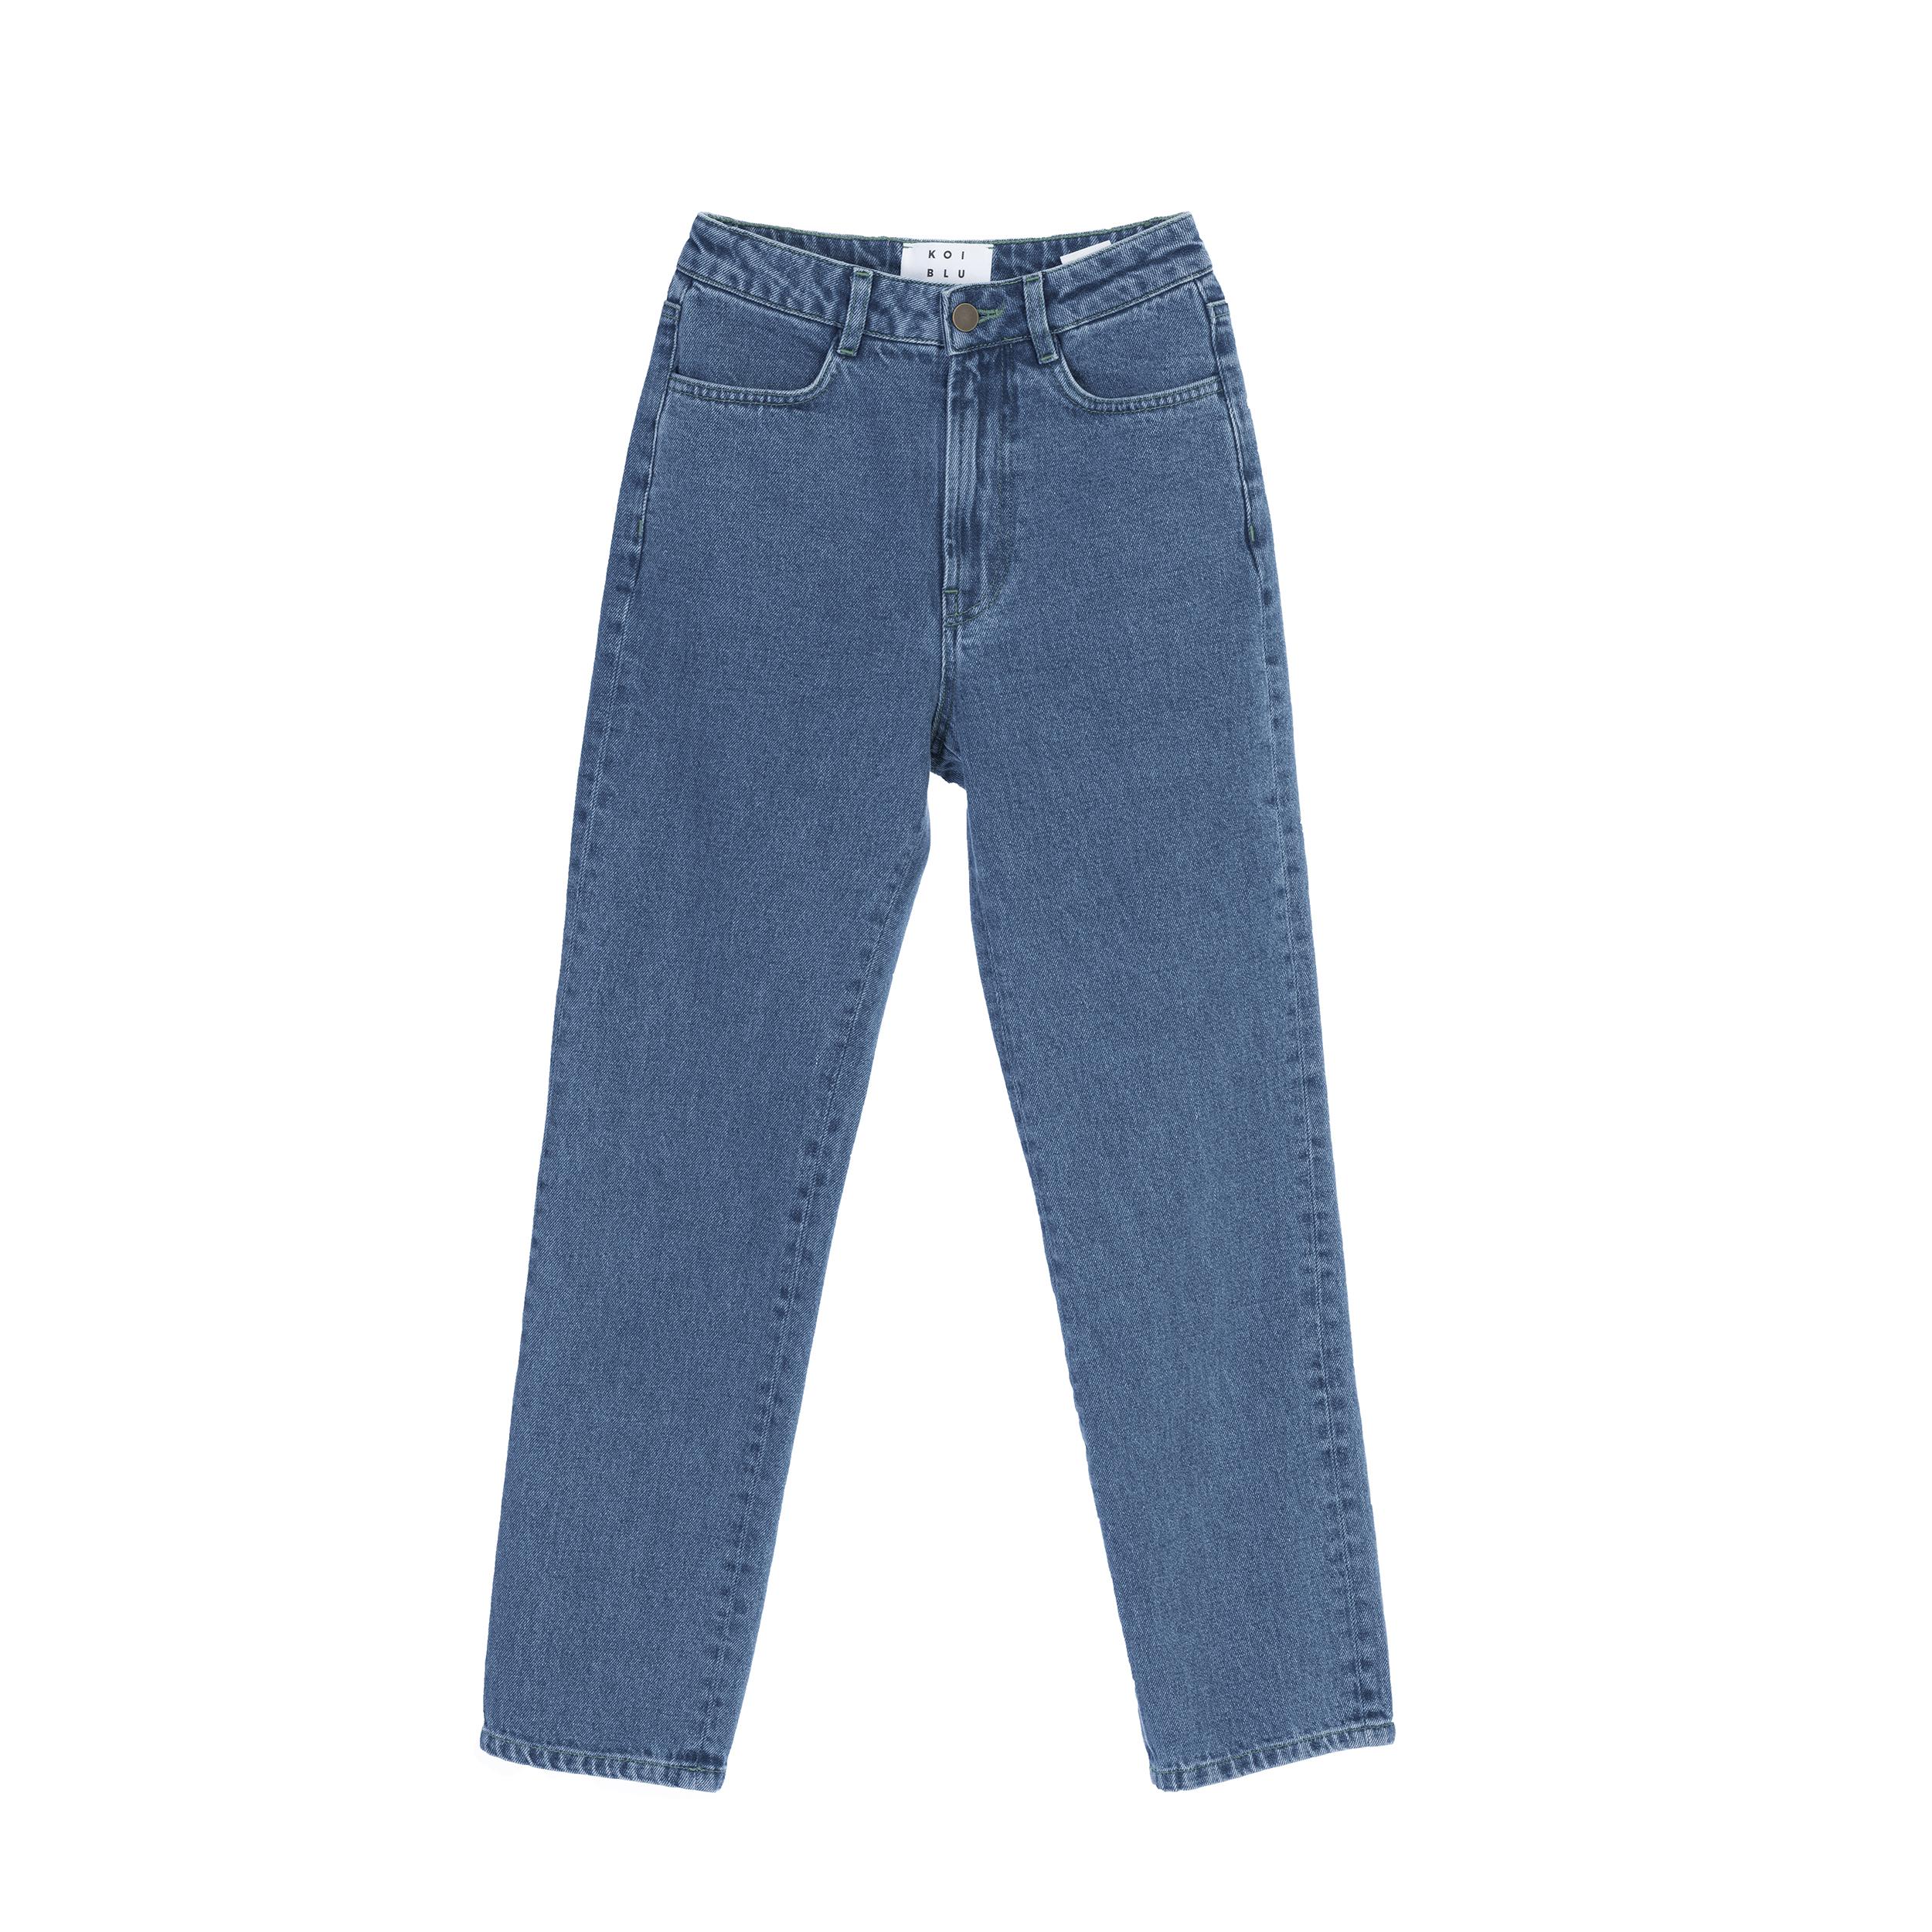 شلوار جین زنانه کوی مدل راسته 137 رنگ آبی تیره